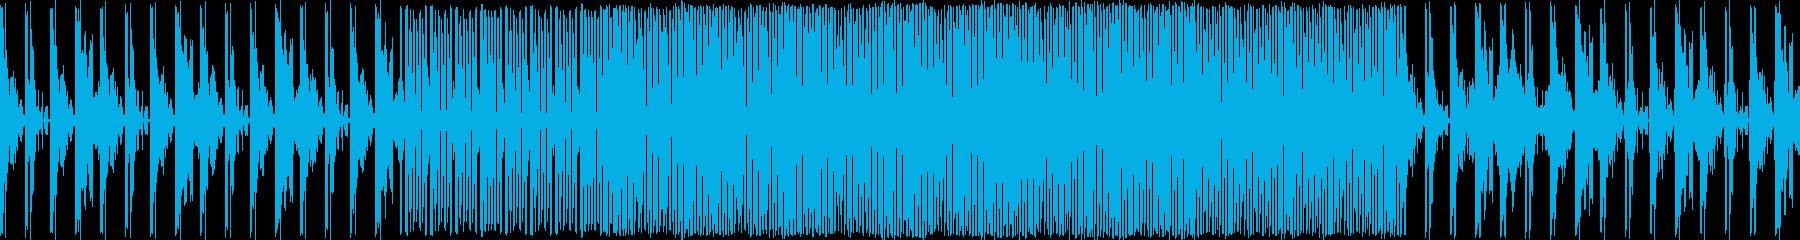 暗めのテクノです。メロディーあります。…の再生済みの波形